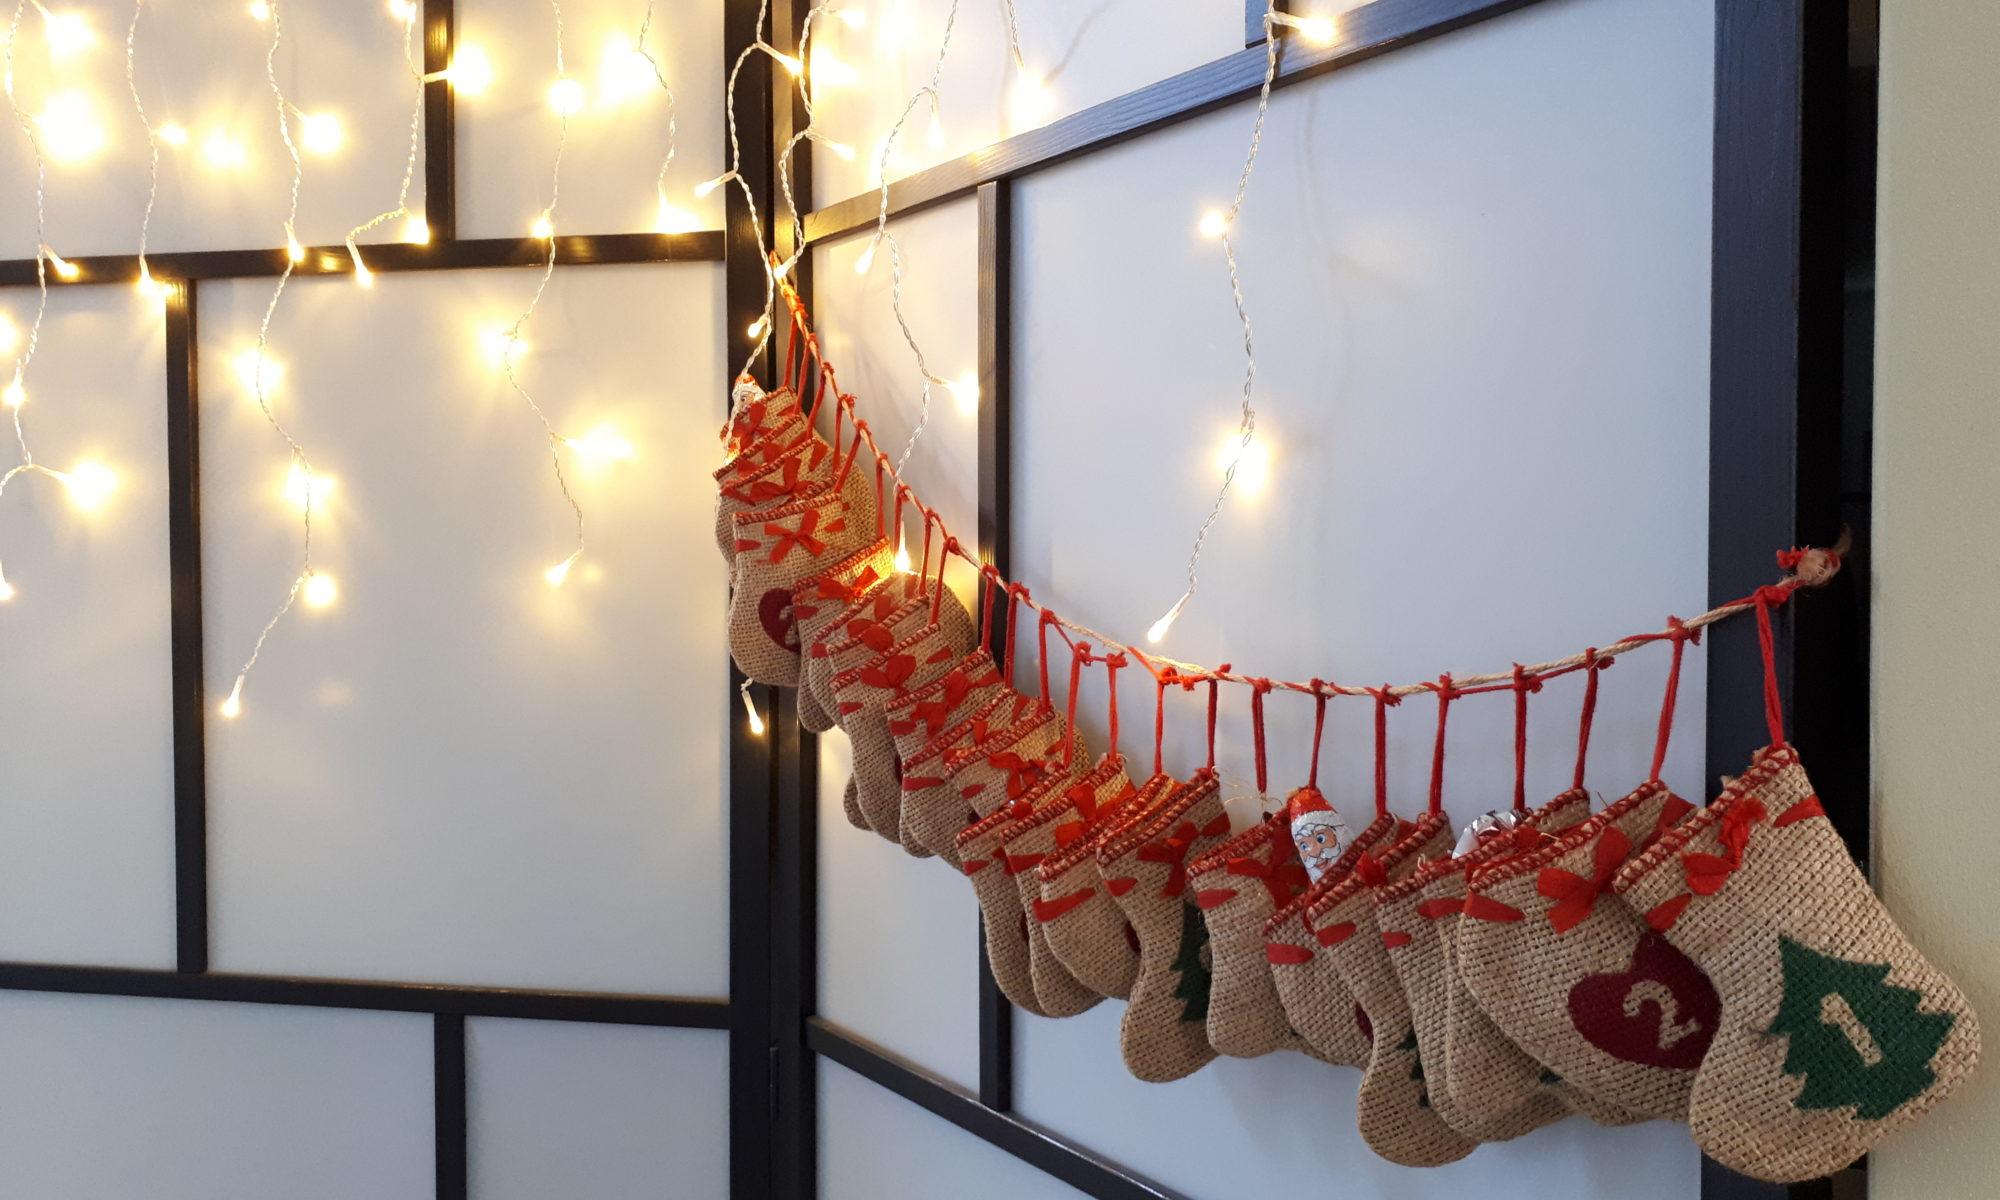 Adventskalender in Jurtesäckchen vor einer Spanischen Wand mit Lichterkette